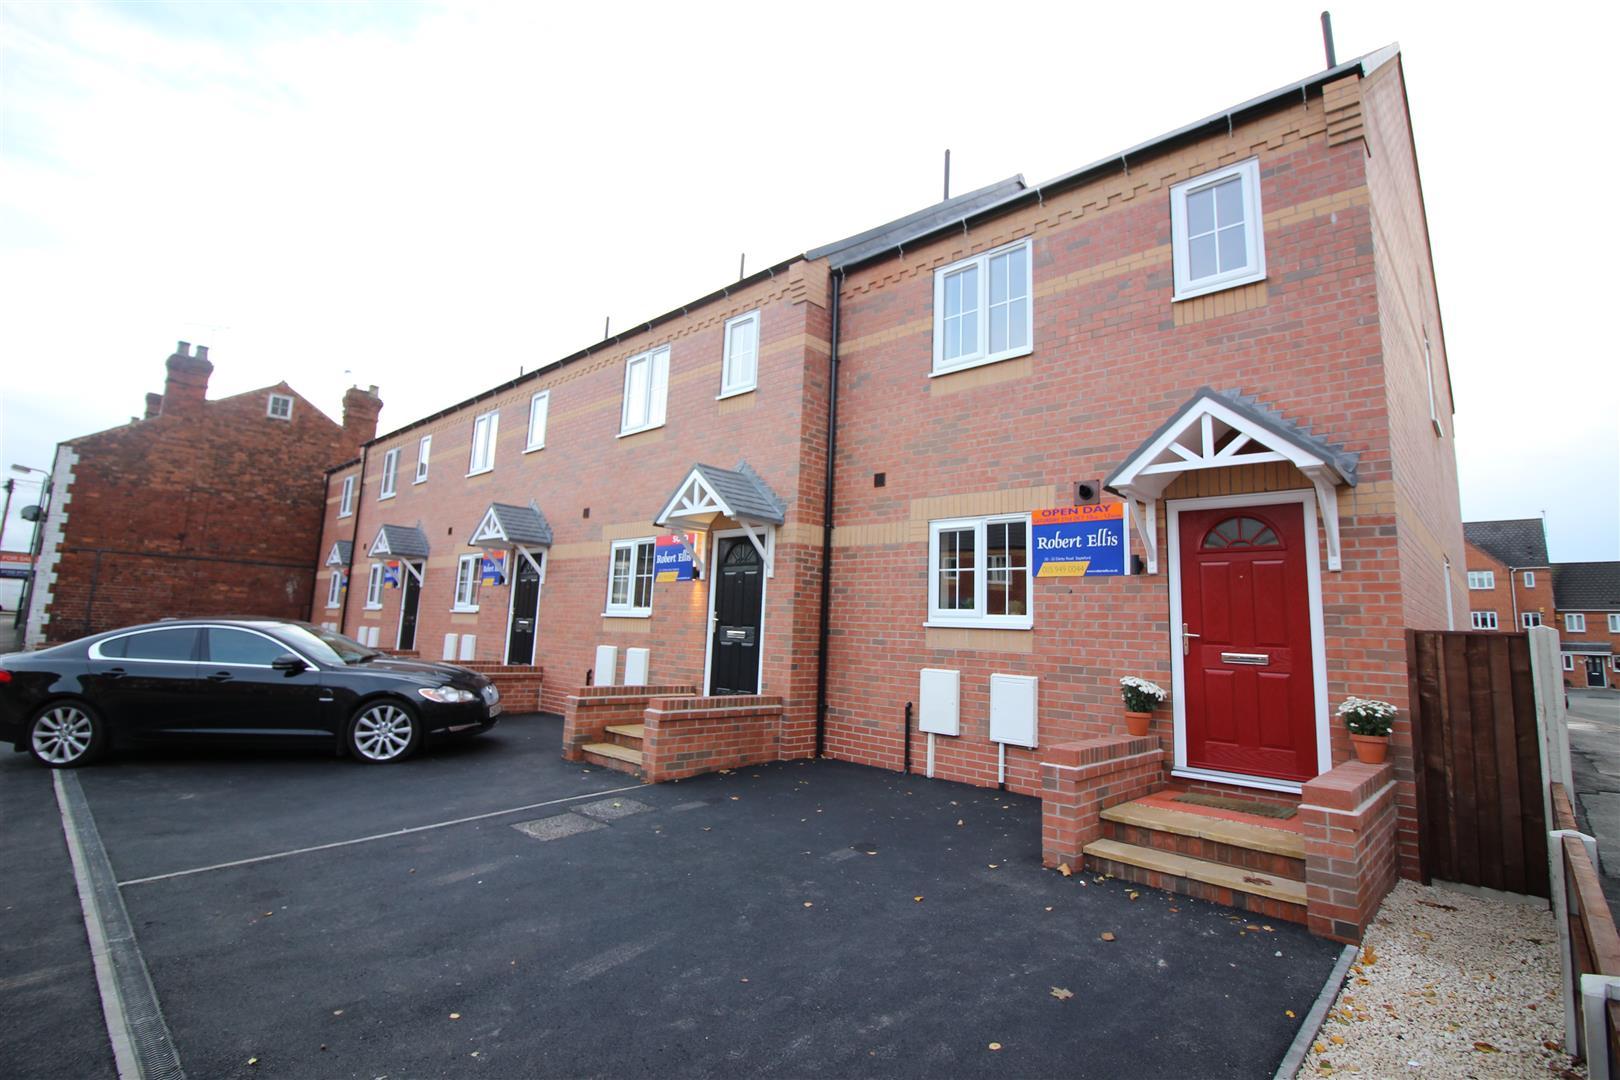 3 Bedrooms House for sale in Regent Street, Sandiacre, Nottingham